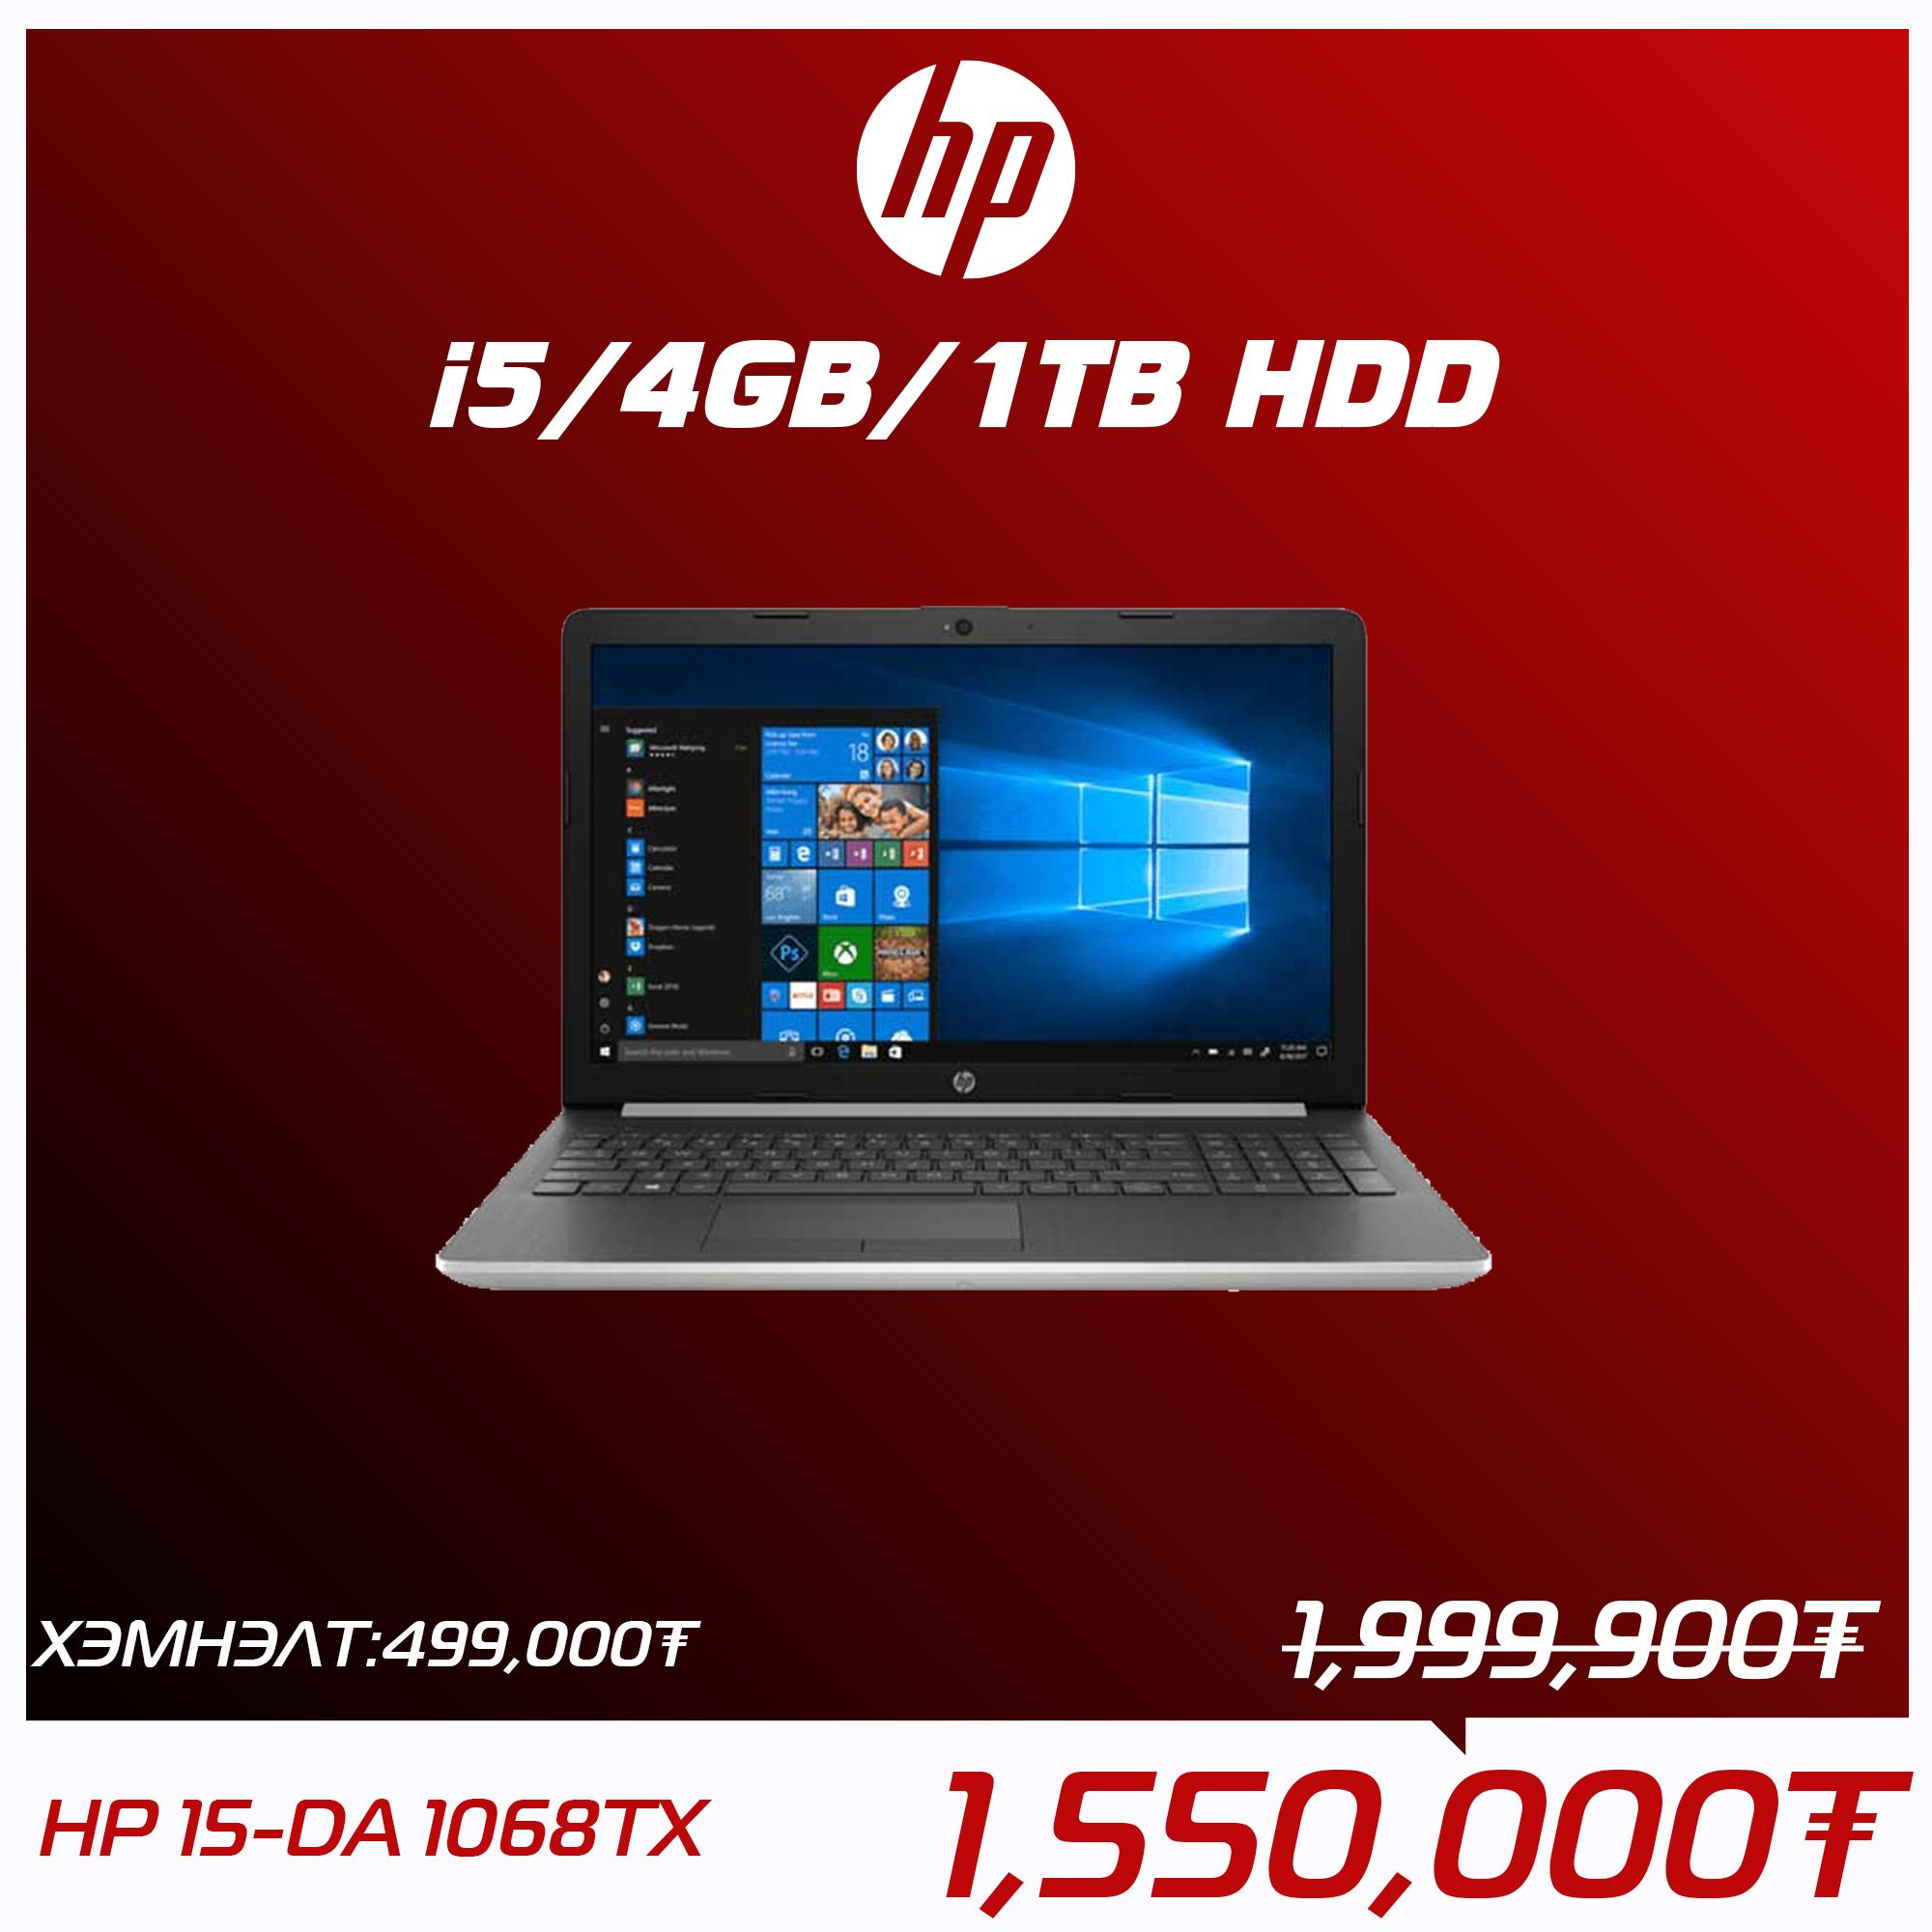 HP 15-DA 1068TX